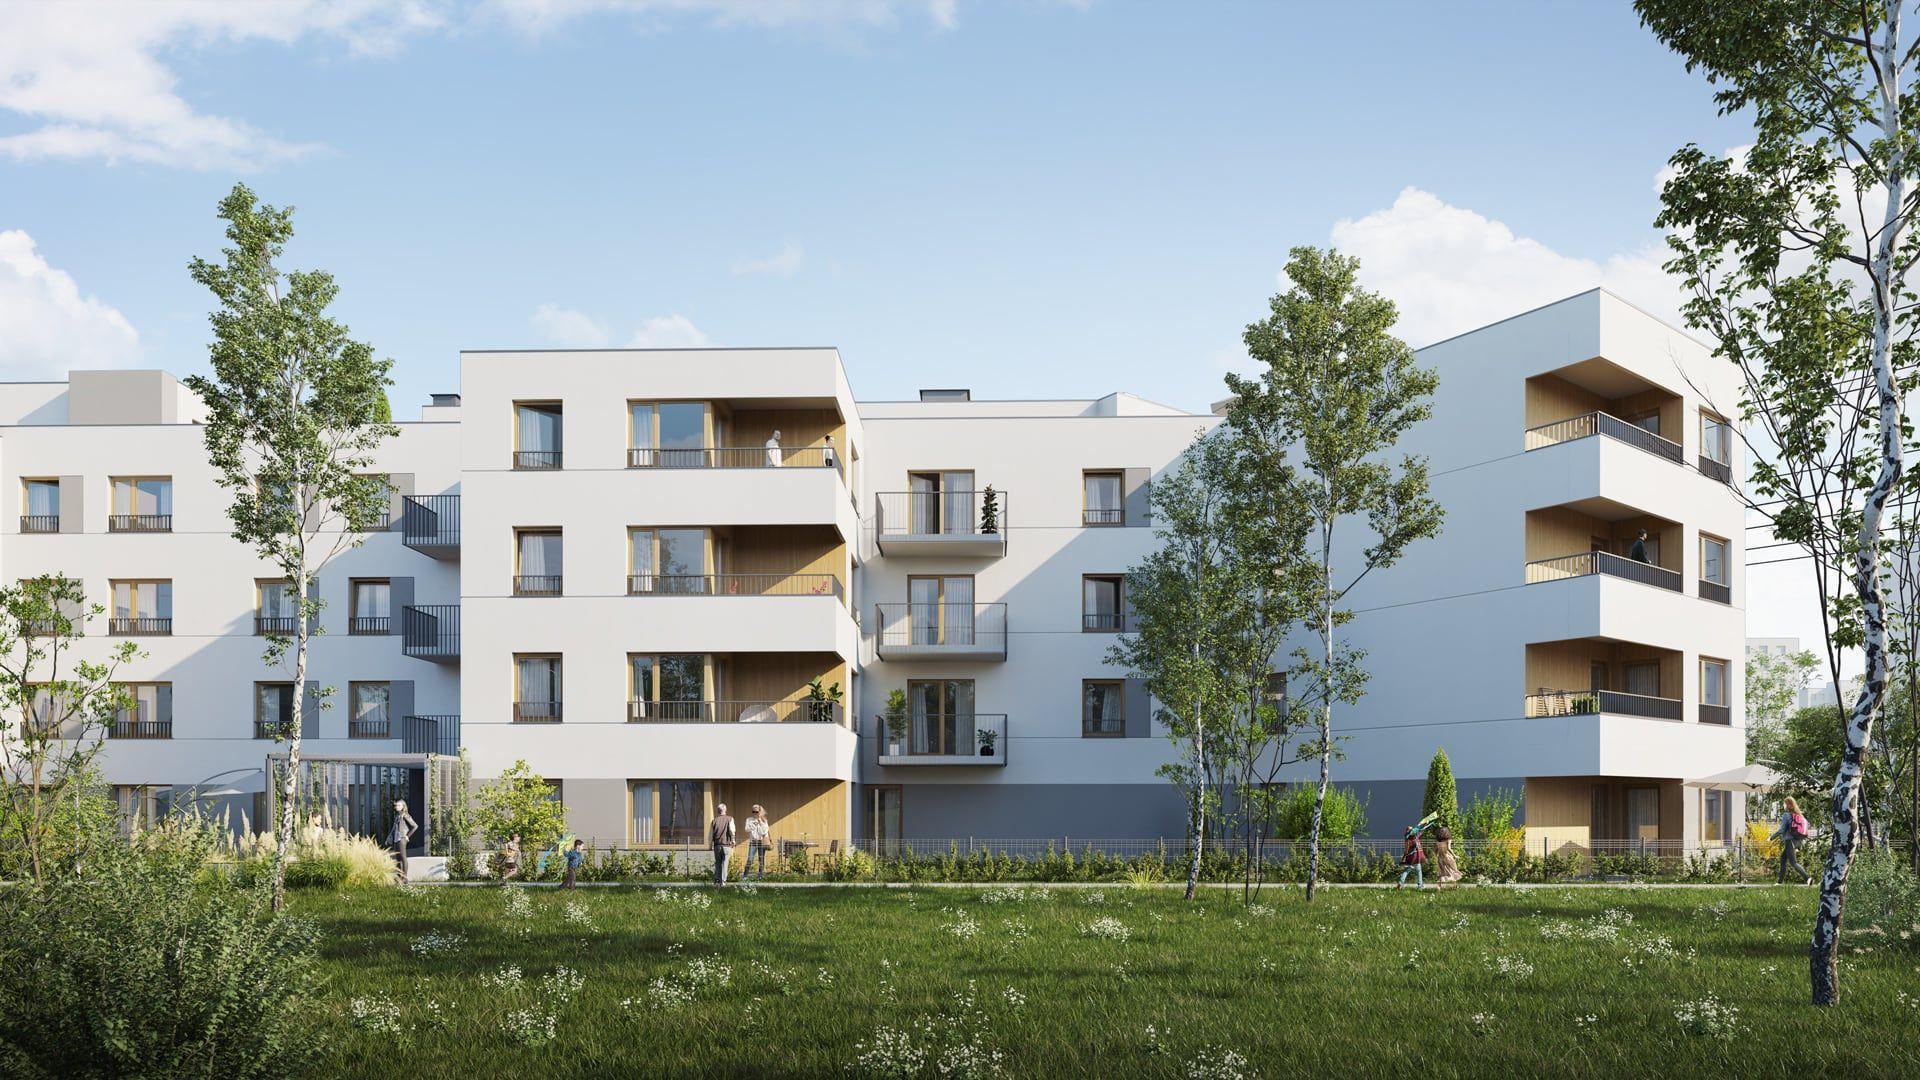 Warszawa: Essentiel – Bouygues Immobilier zapowiada budowę nowego osiedla na Białołęce